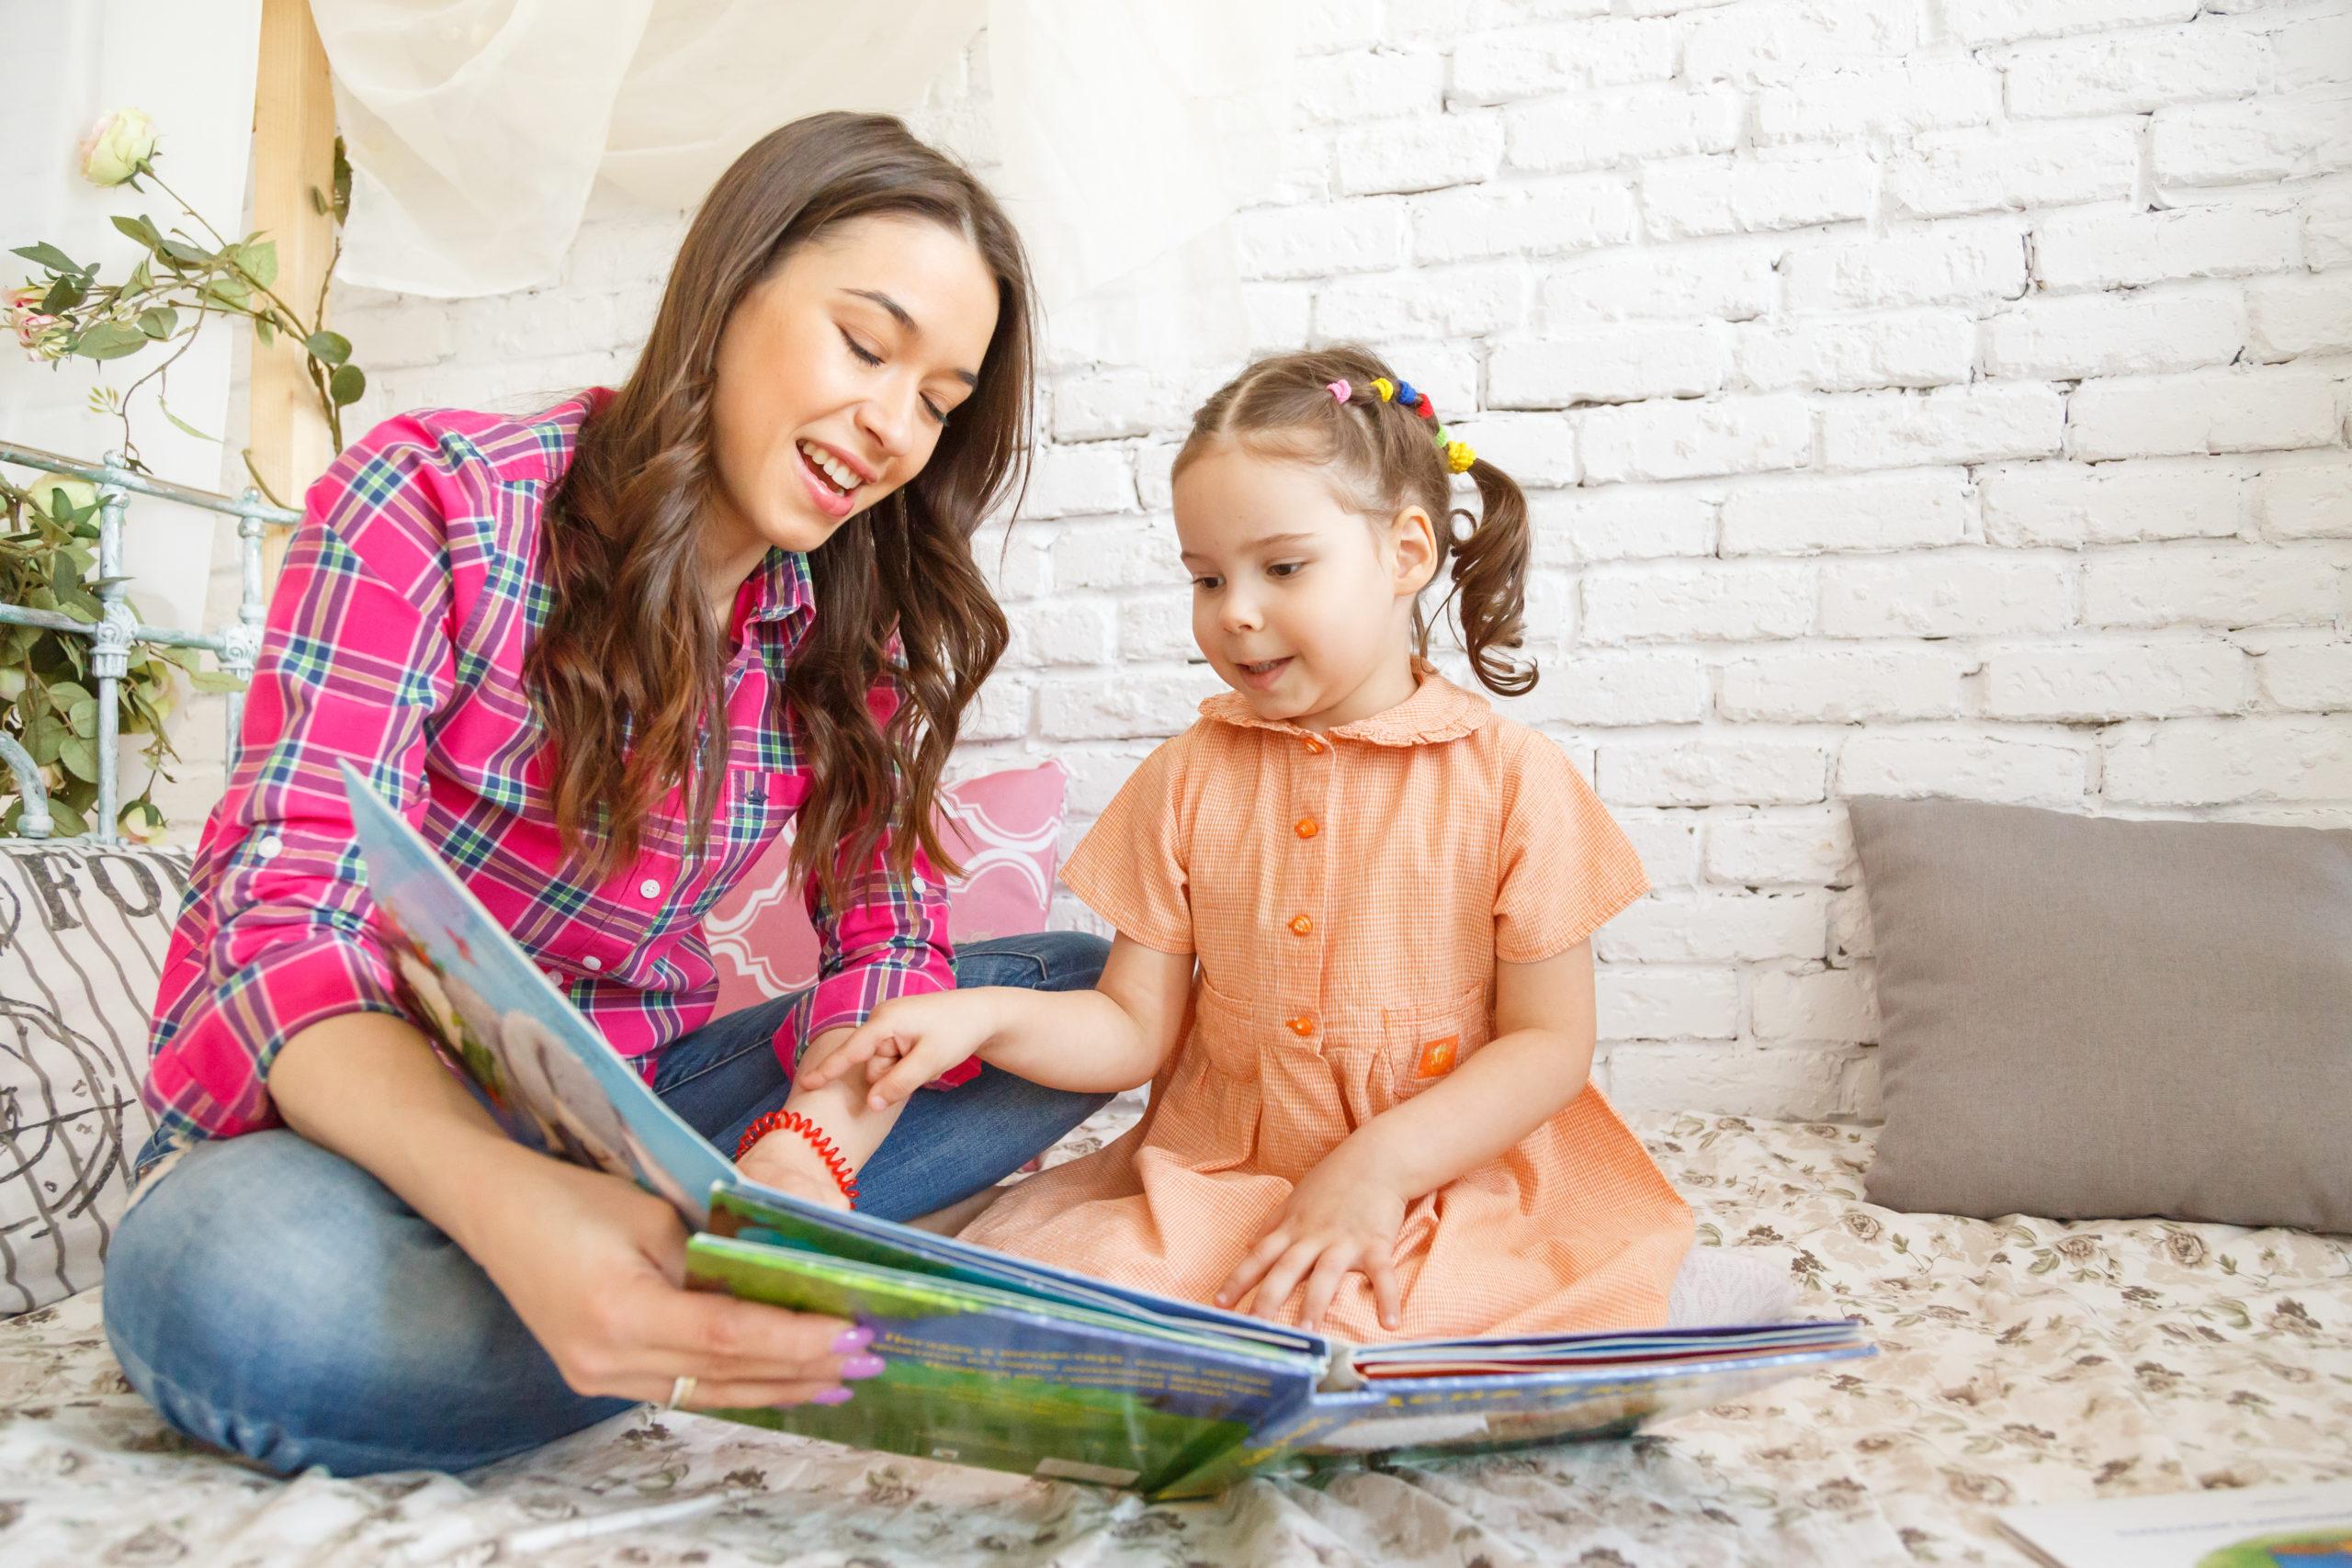 ¿Cómo podemos motivar a nuestros hijos a leer?